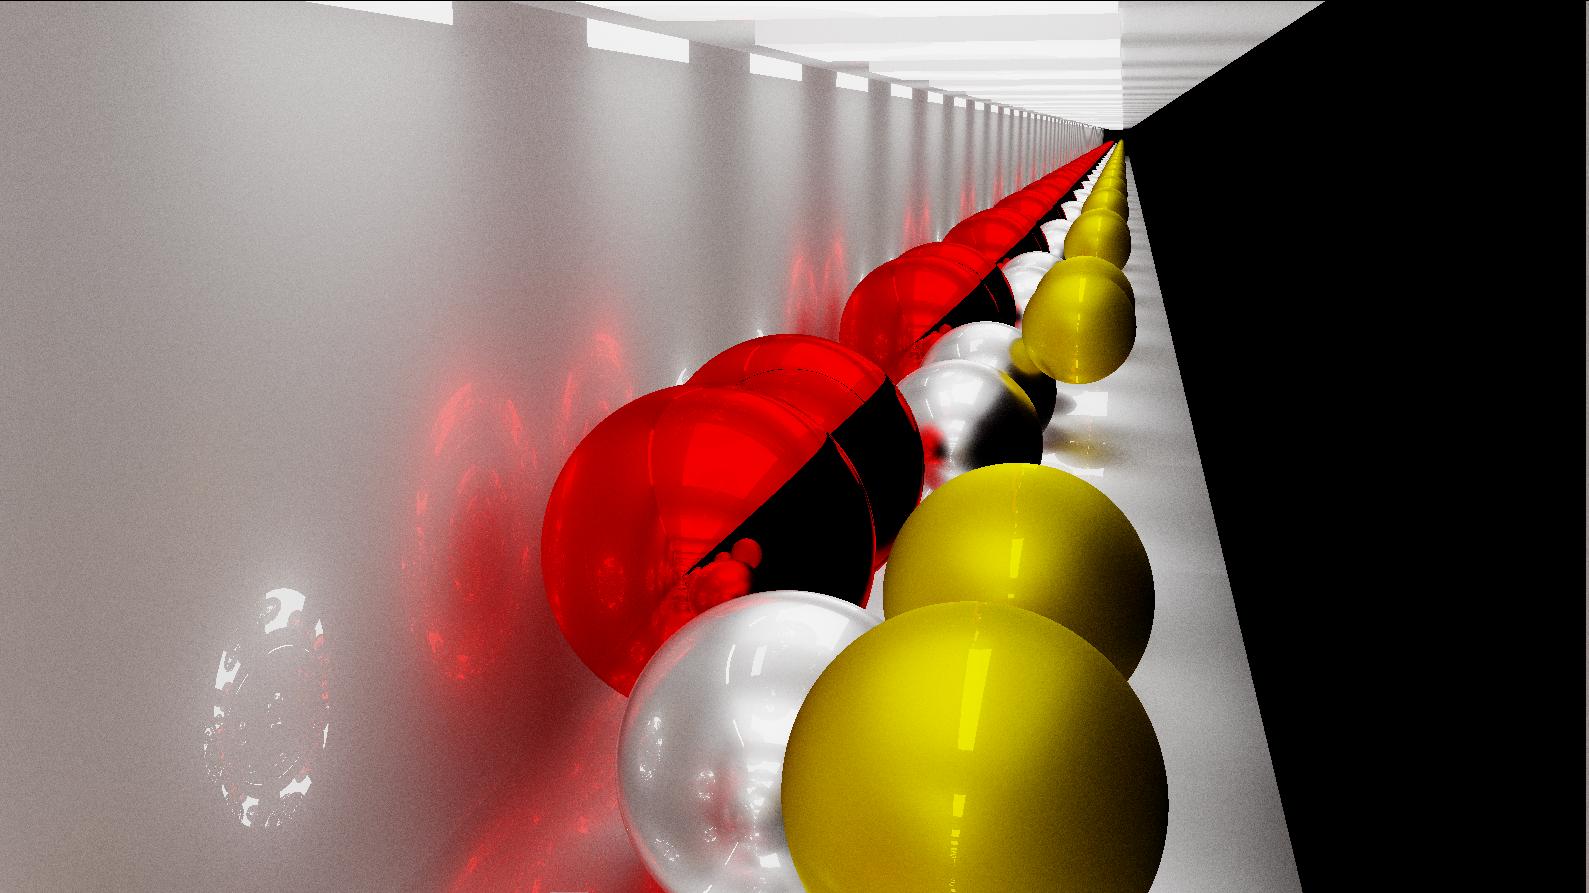 эффект бесконечного туннеля от двух параллельных зеркал